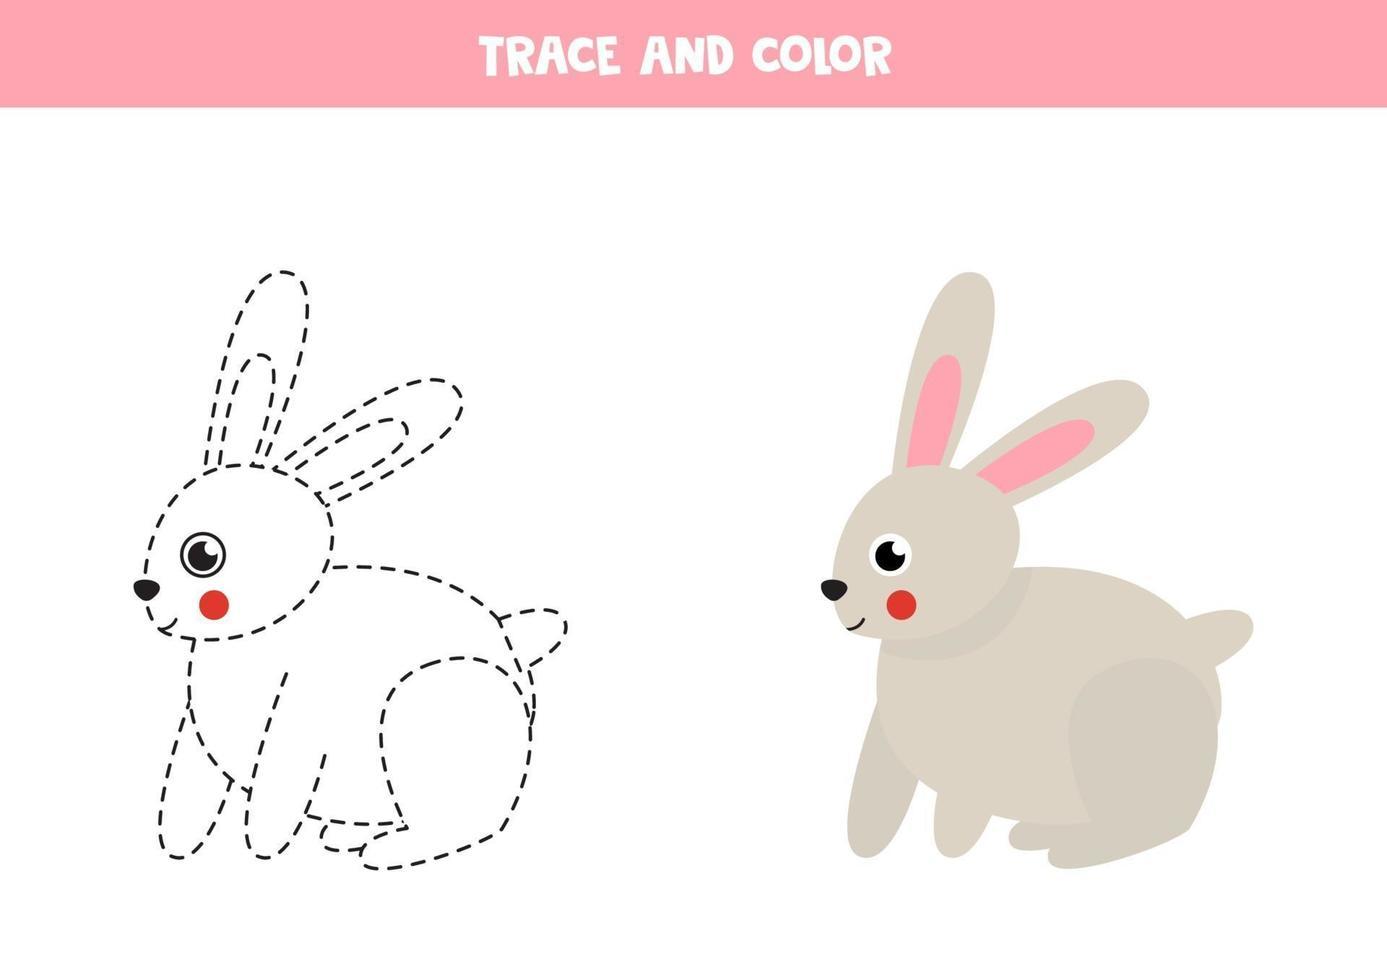 tracez et coloriez le lapin mignon. feuille de calcul de l'espace pour les enfants. vecteur